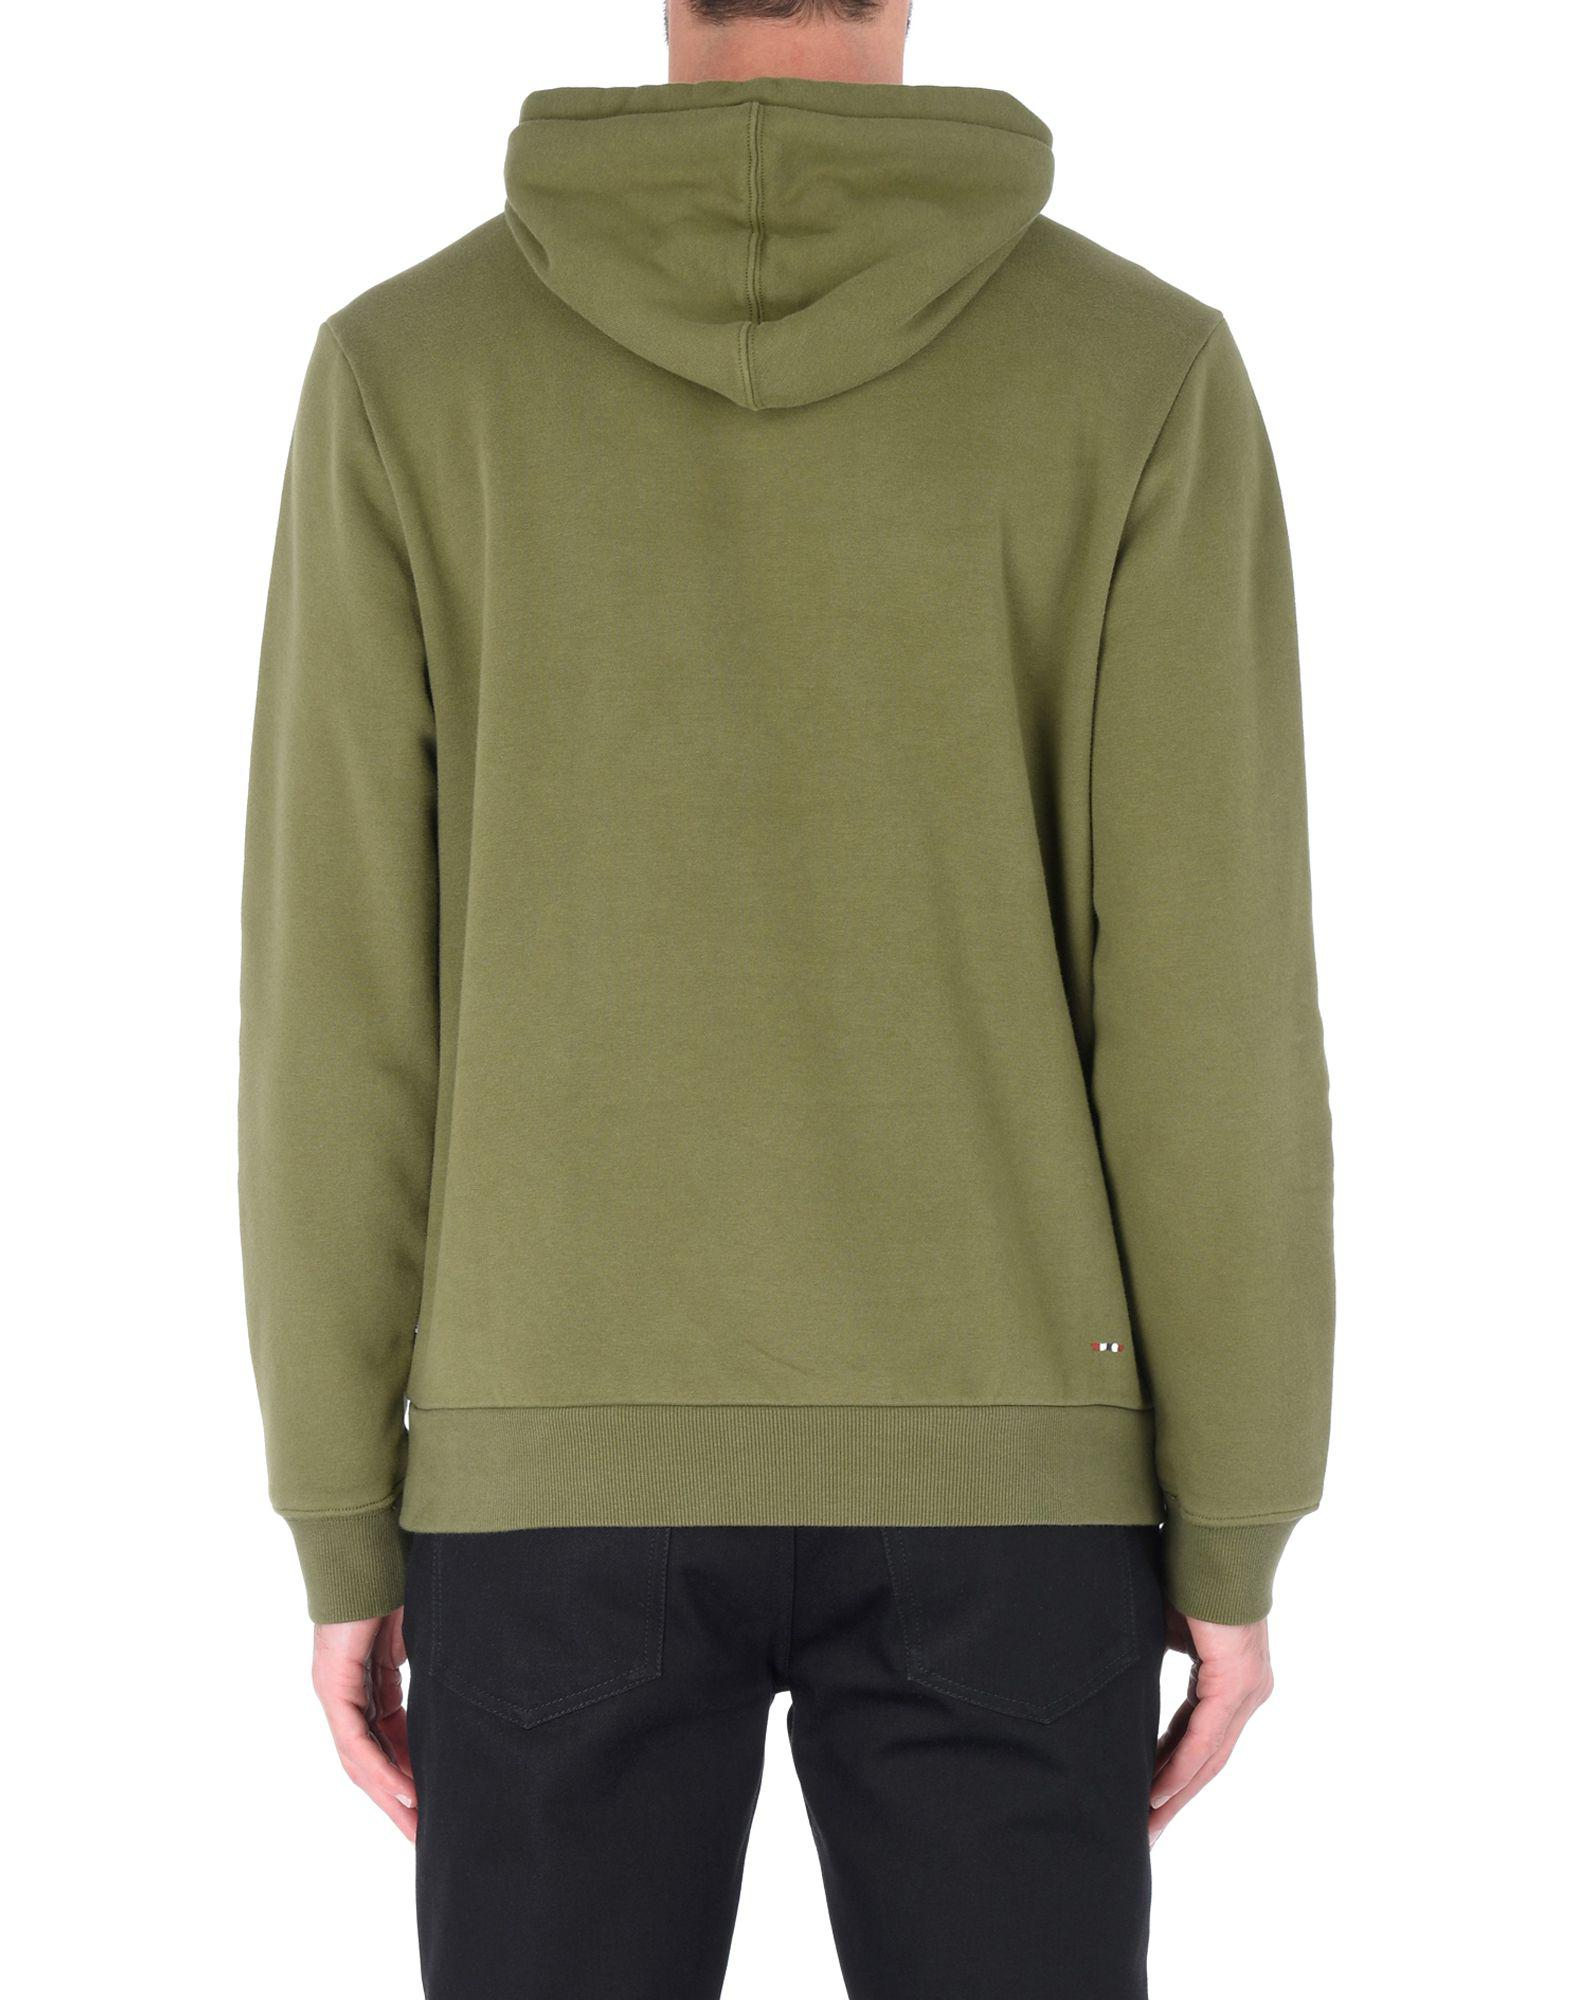 Napapijri Fleece Sweatshirt in Military Green (Green) for Men - Save 19%